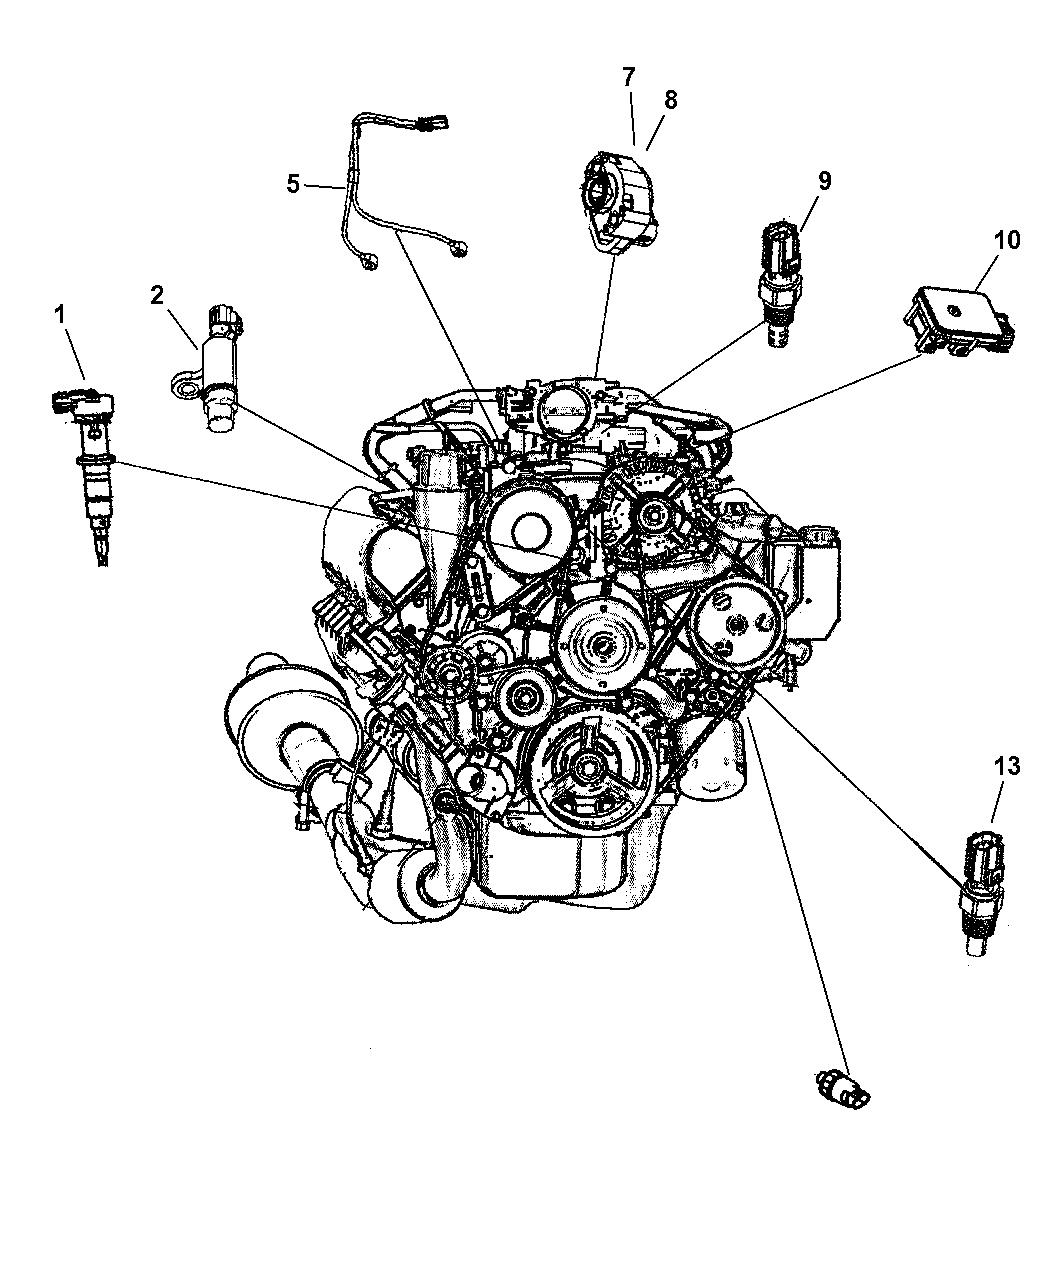 56028373ab Genuine Dodge Sensor Crankshaft Position Together With Location On Ram 2004 3500 Sensors Engine Gas